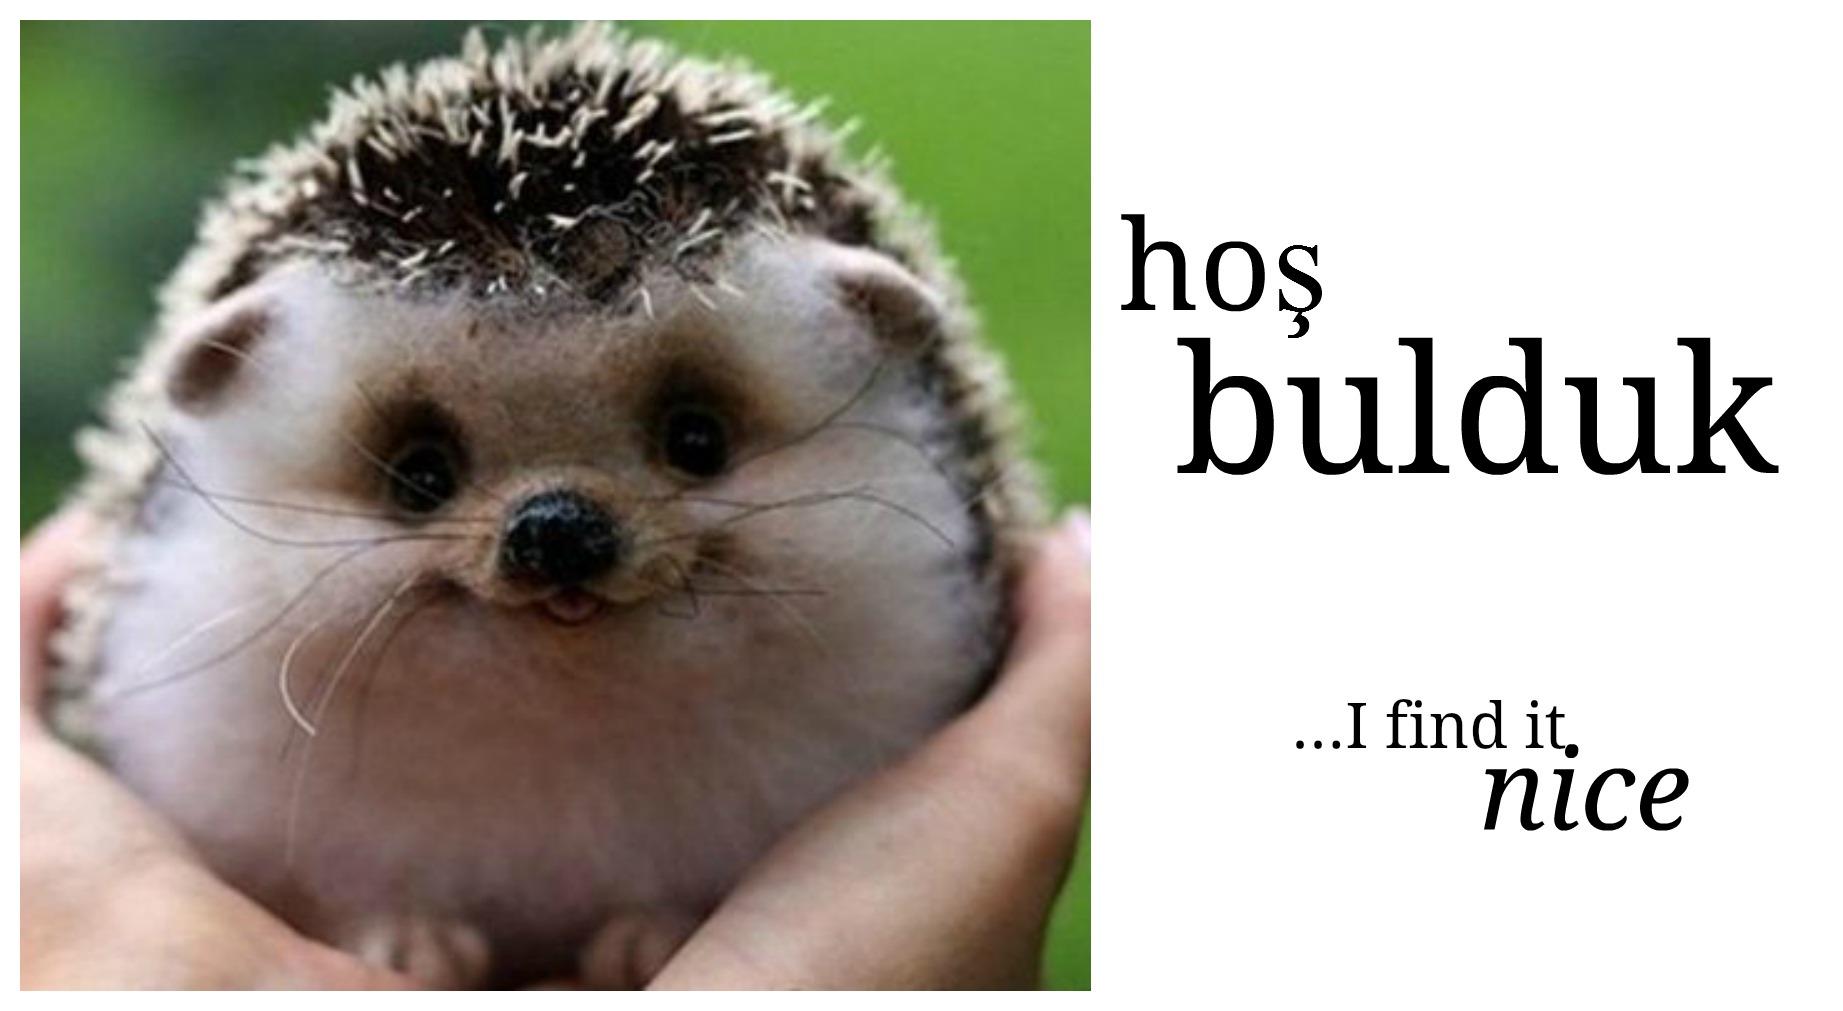 hos bulduk - Turkish language